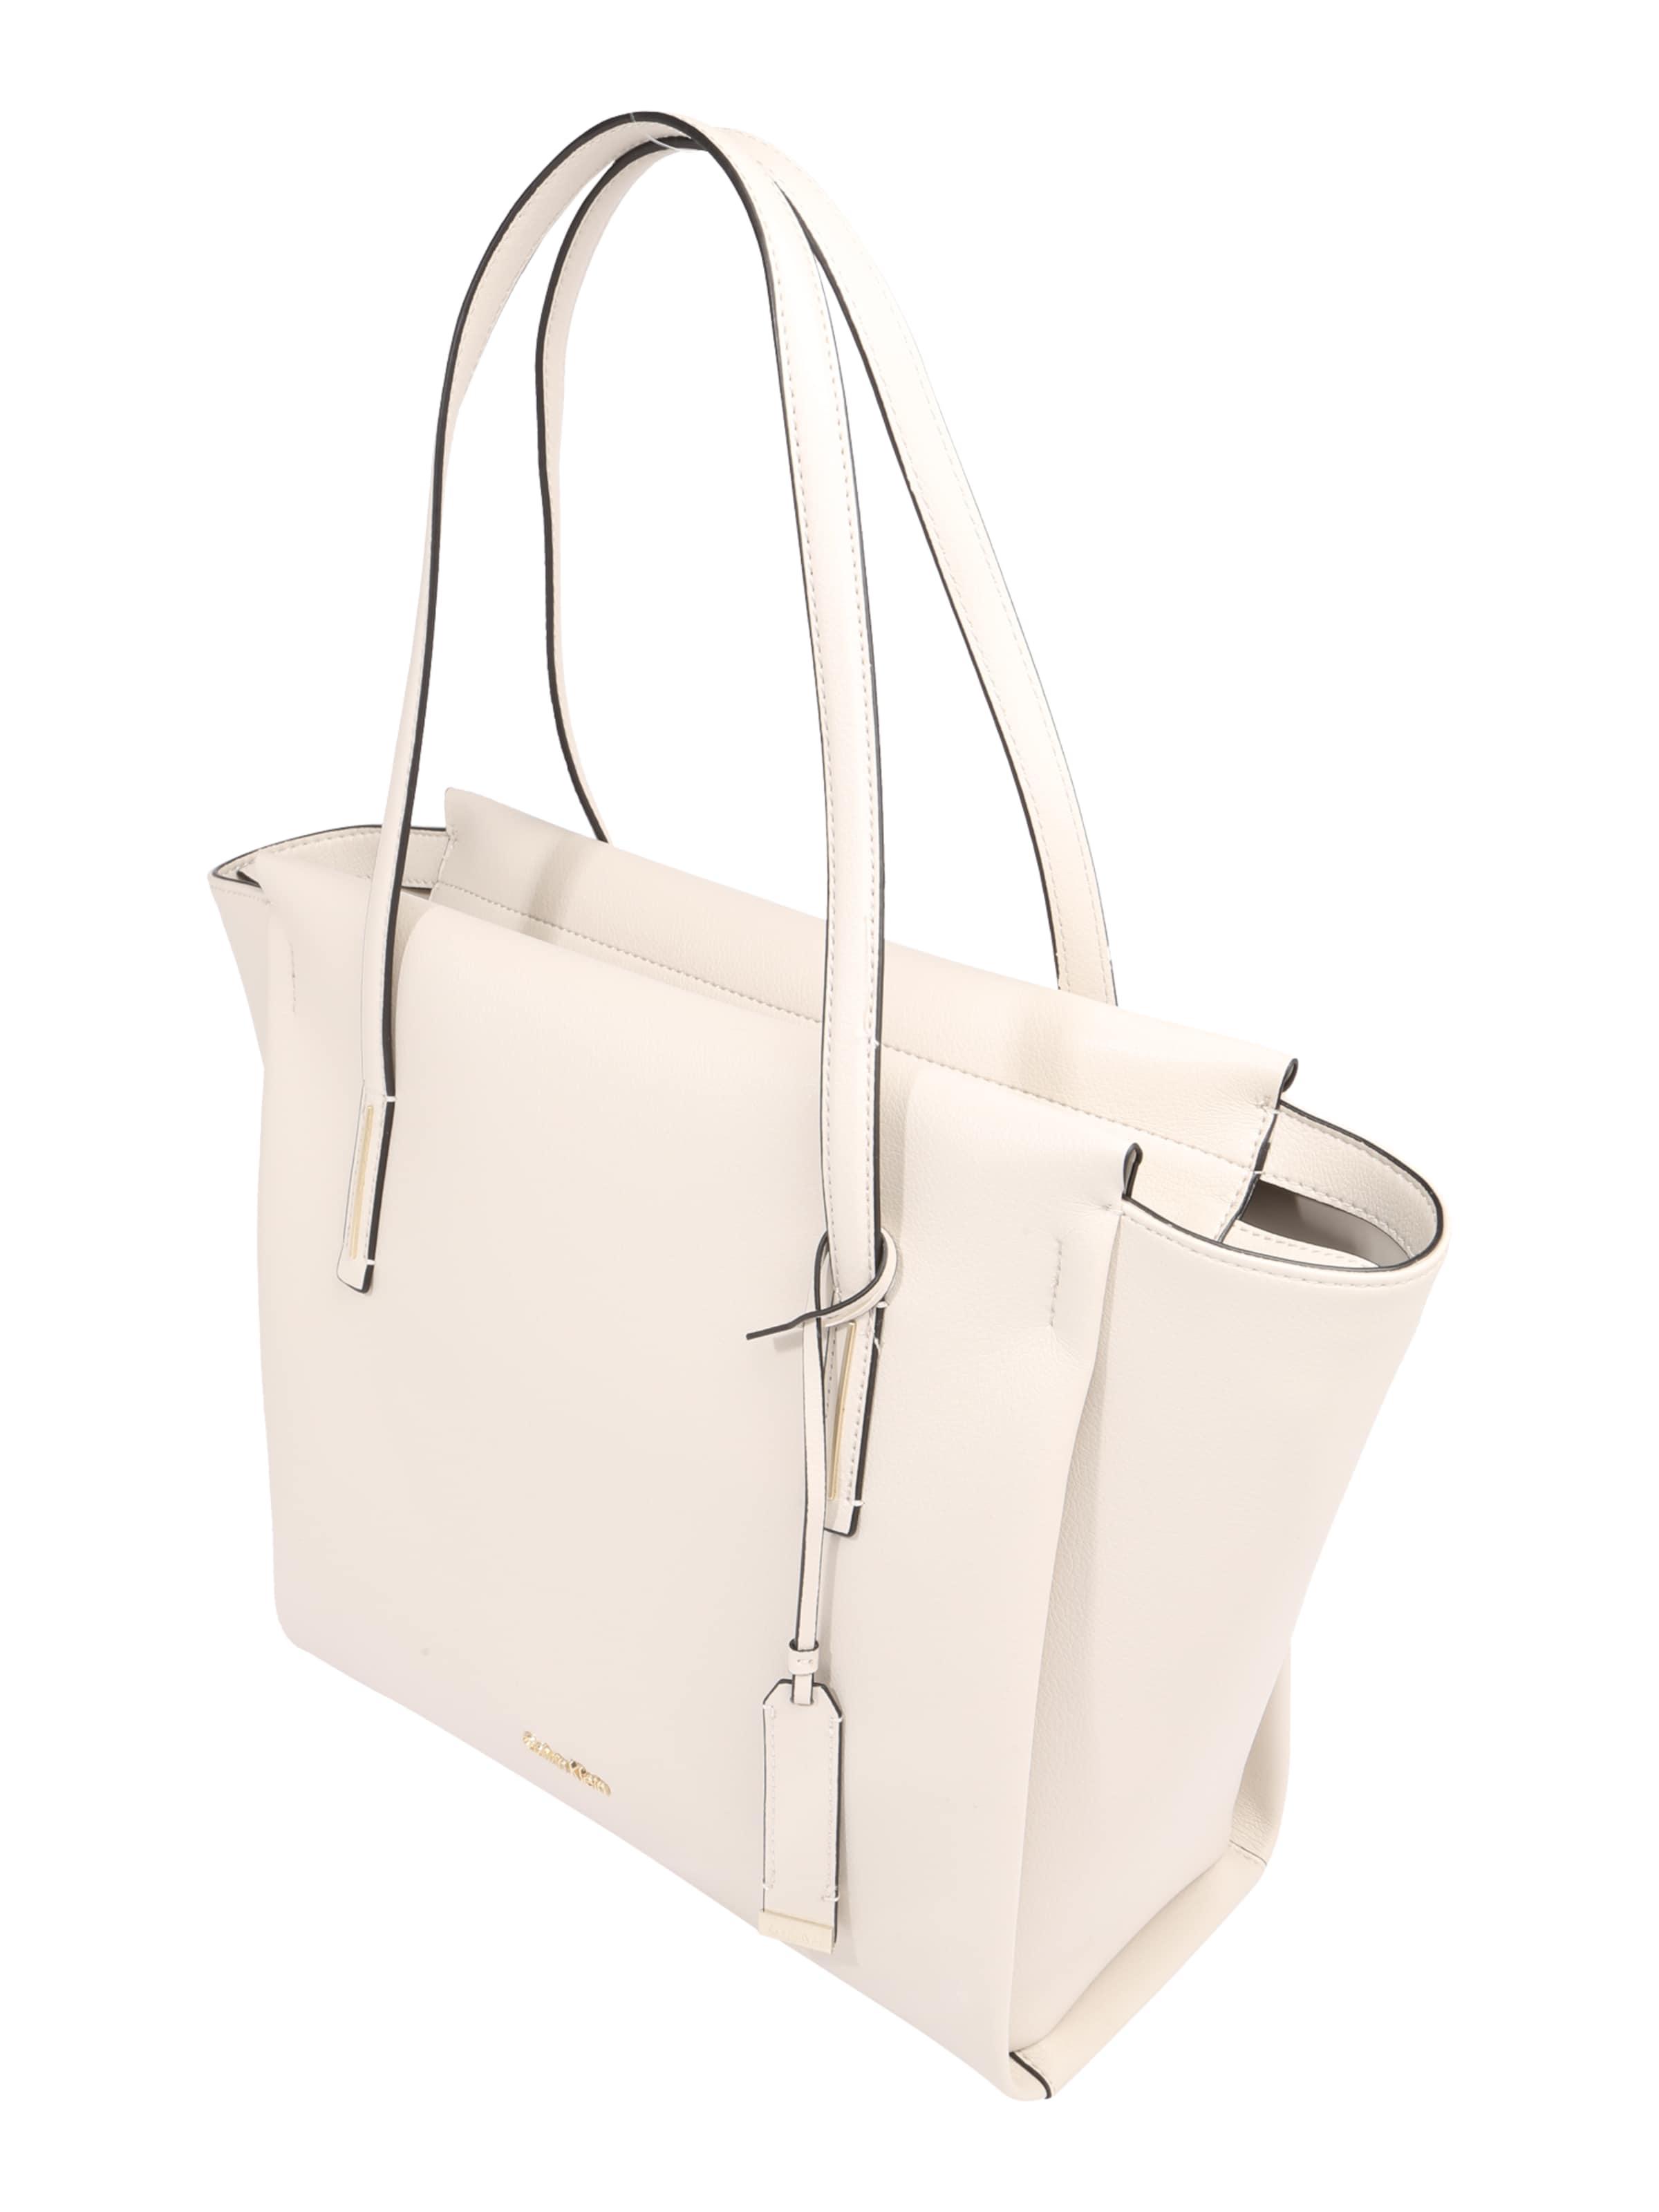 Billig Klassisch Calvin Klein Shopper 'FRAME' Auslass Erhalten Zu Kaufen Spielraum Fälschung eSOgeS2K7O